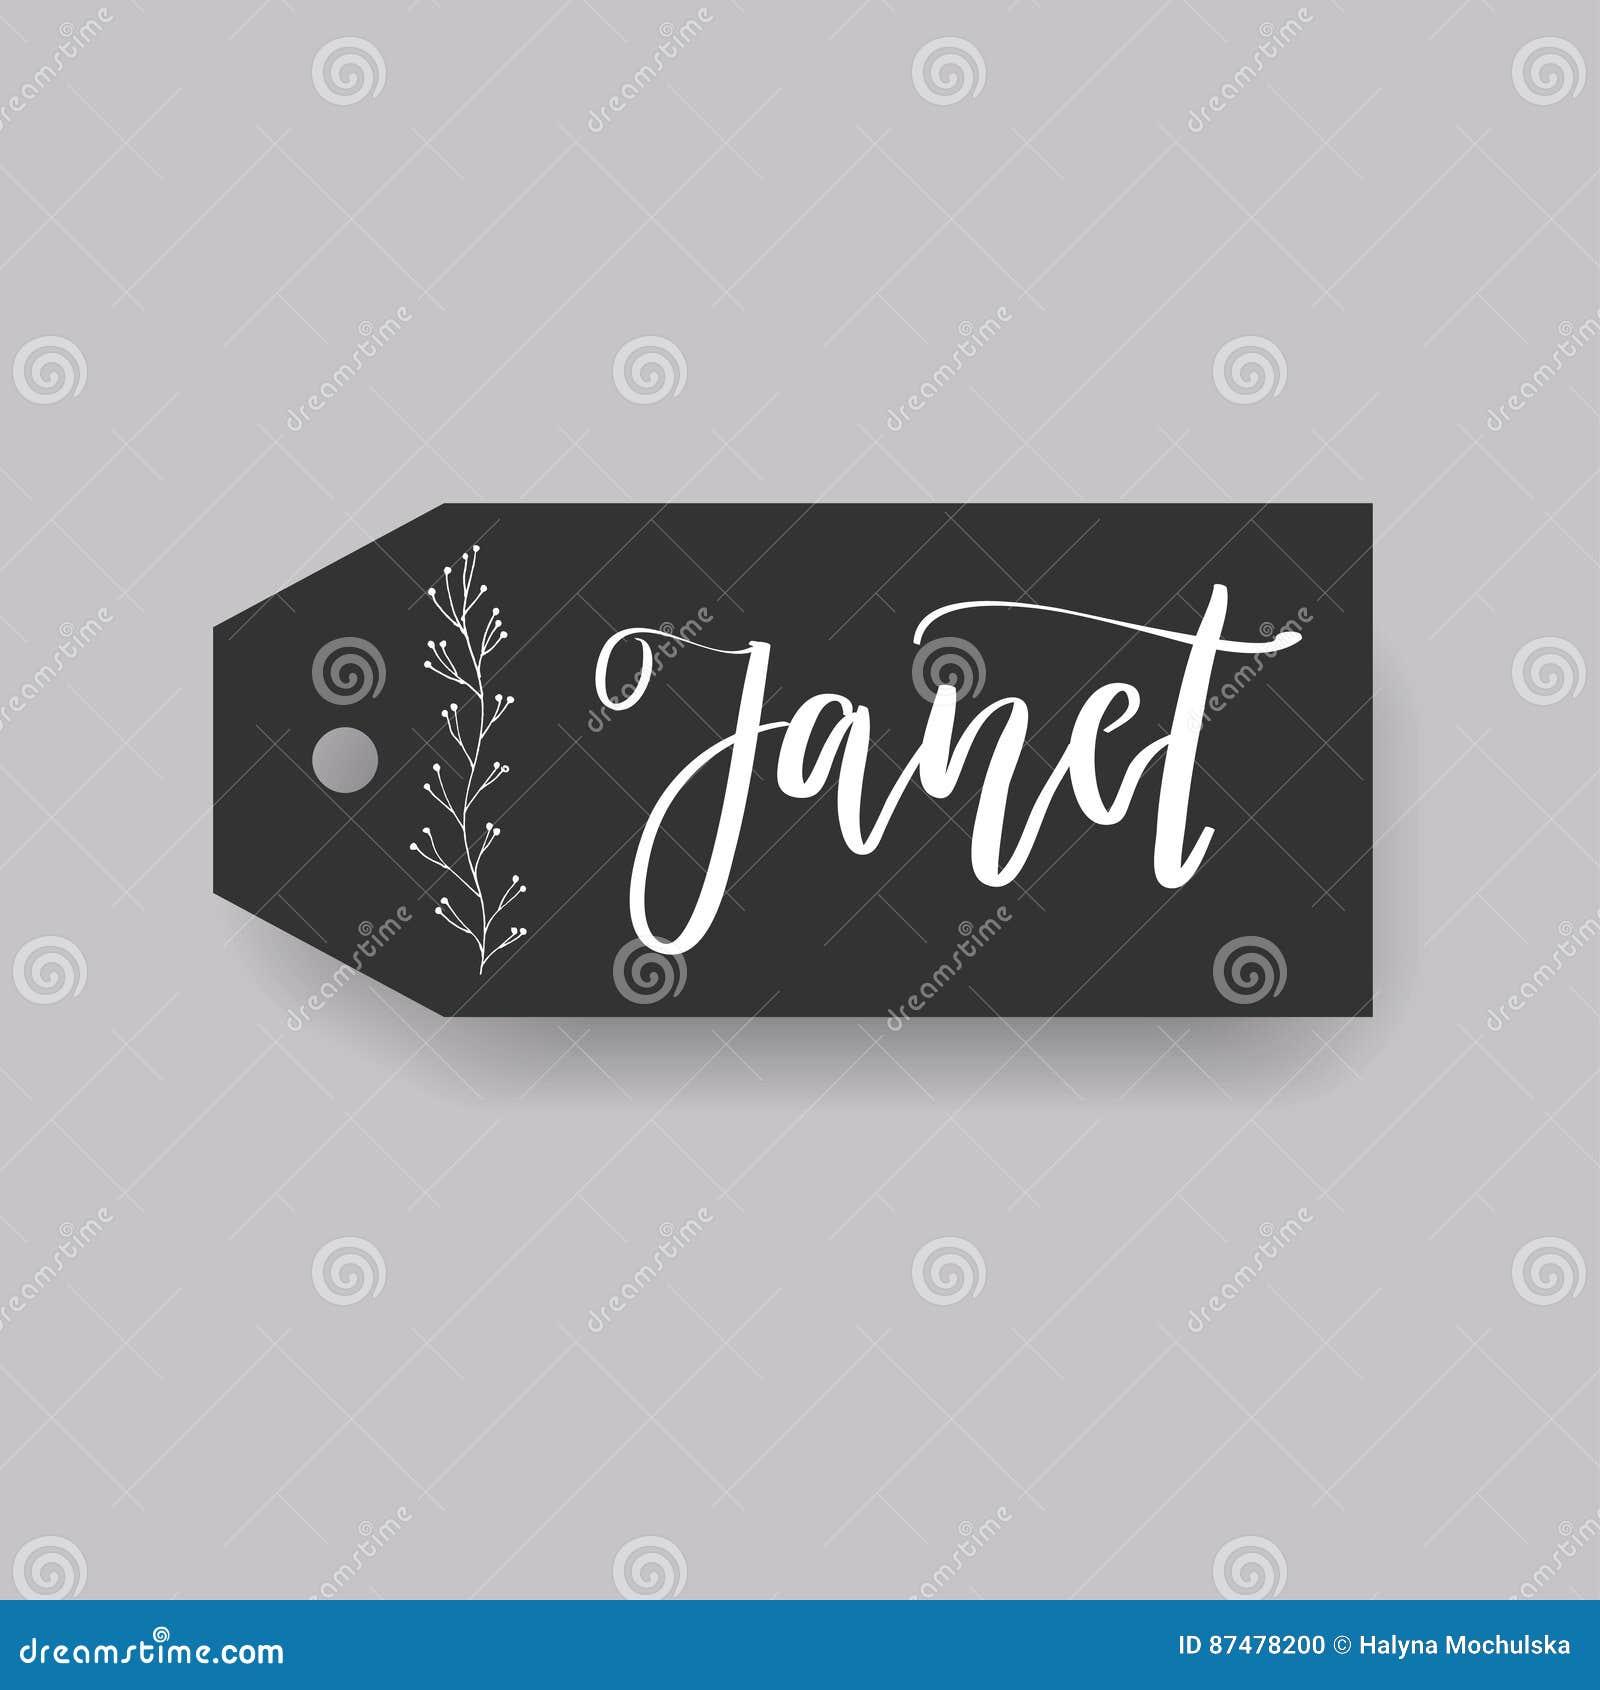 Джанет - женское имя на бирке